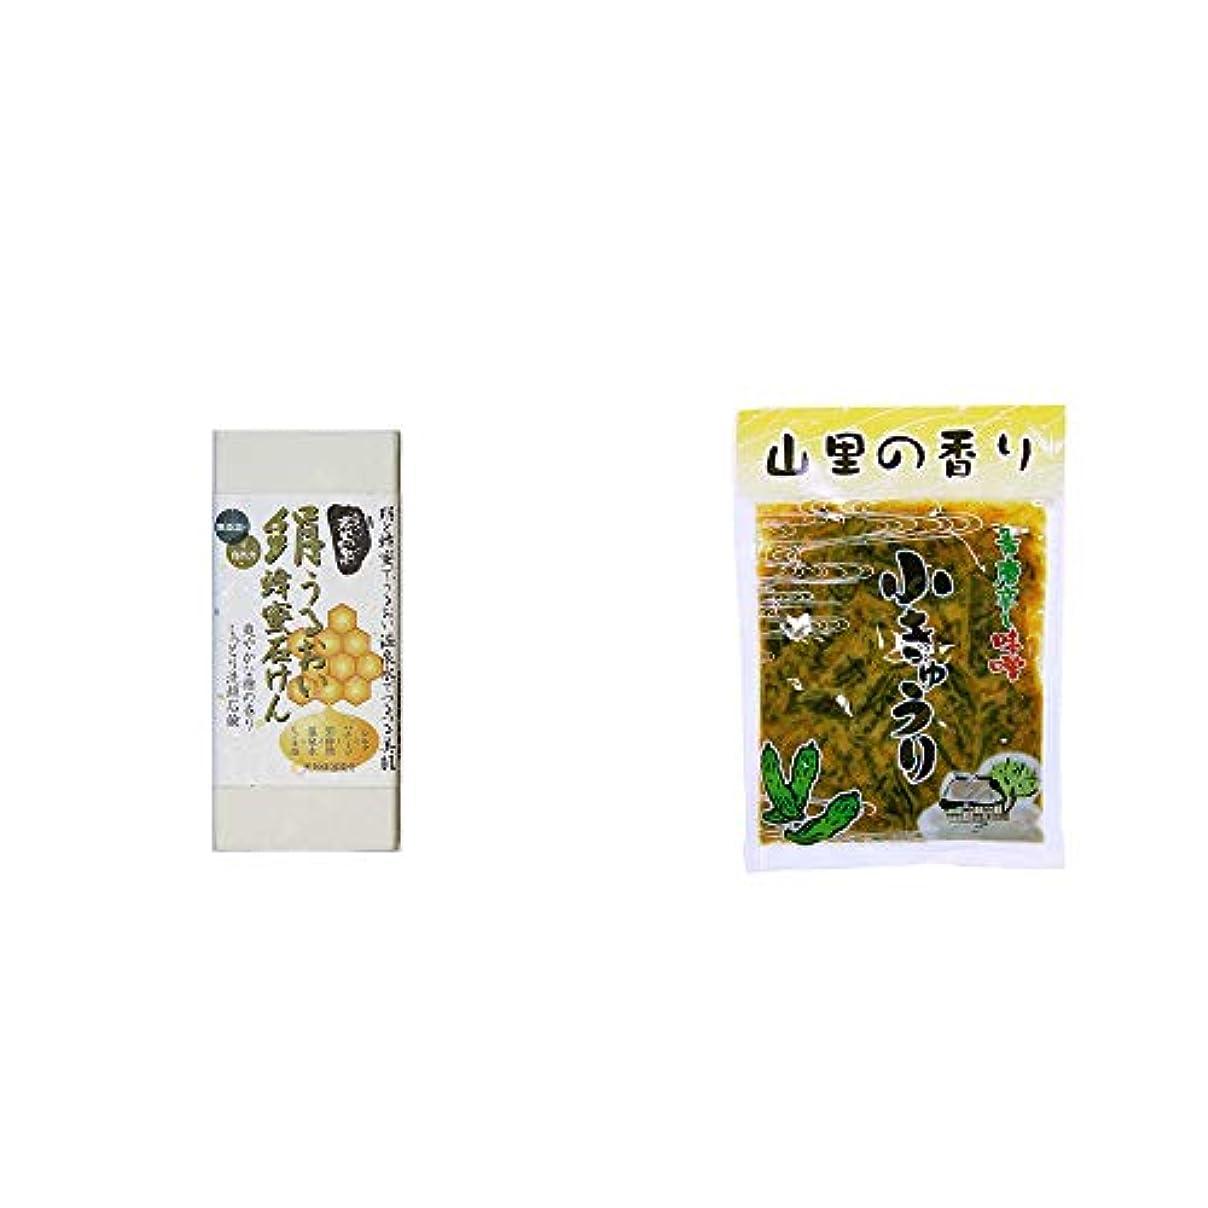 スクリュー航空機ミル[2点セット] ひのき炭黒泉 絹うるおい蜂蜜石けん(75g×2)?山里の香り 青唐辛し味噌 小きゅうり(250g)